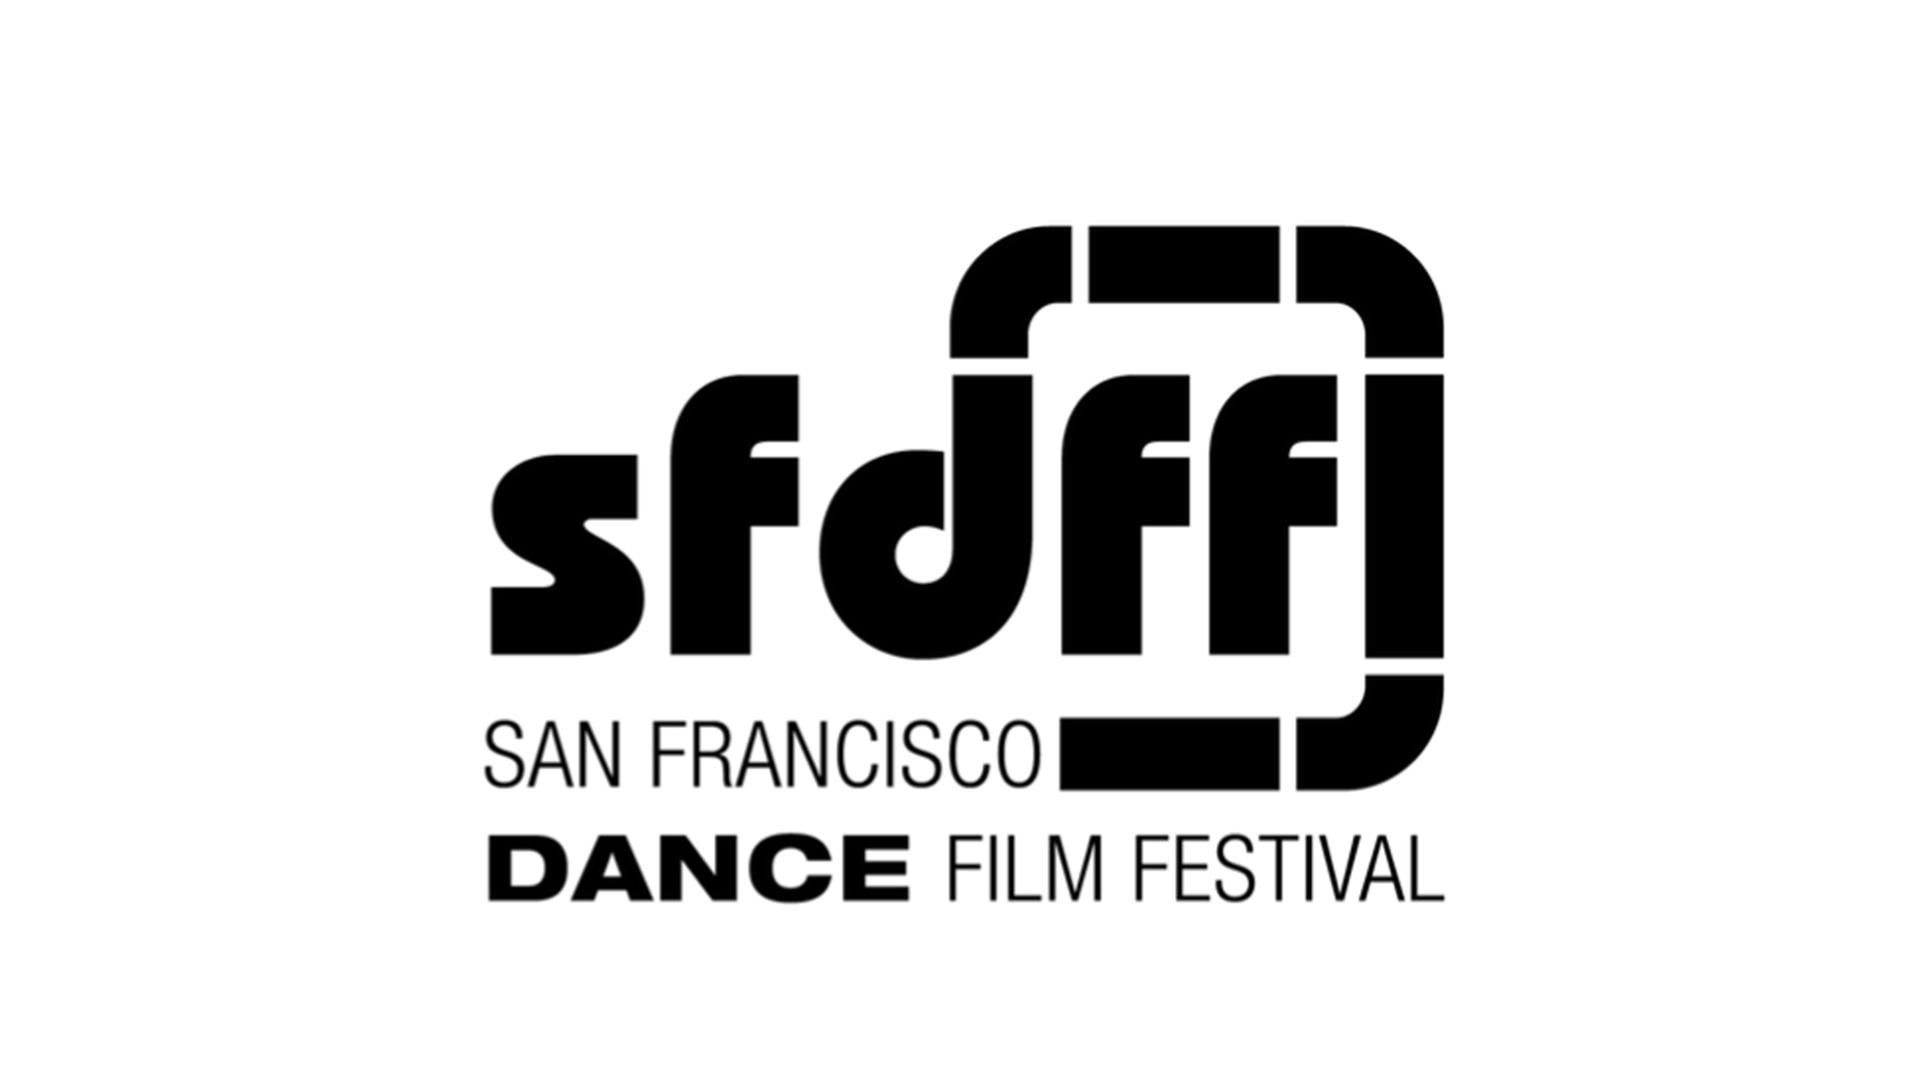 sfdff-logo.jpg